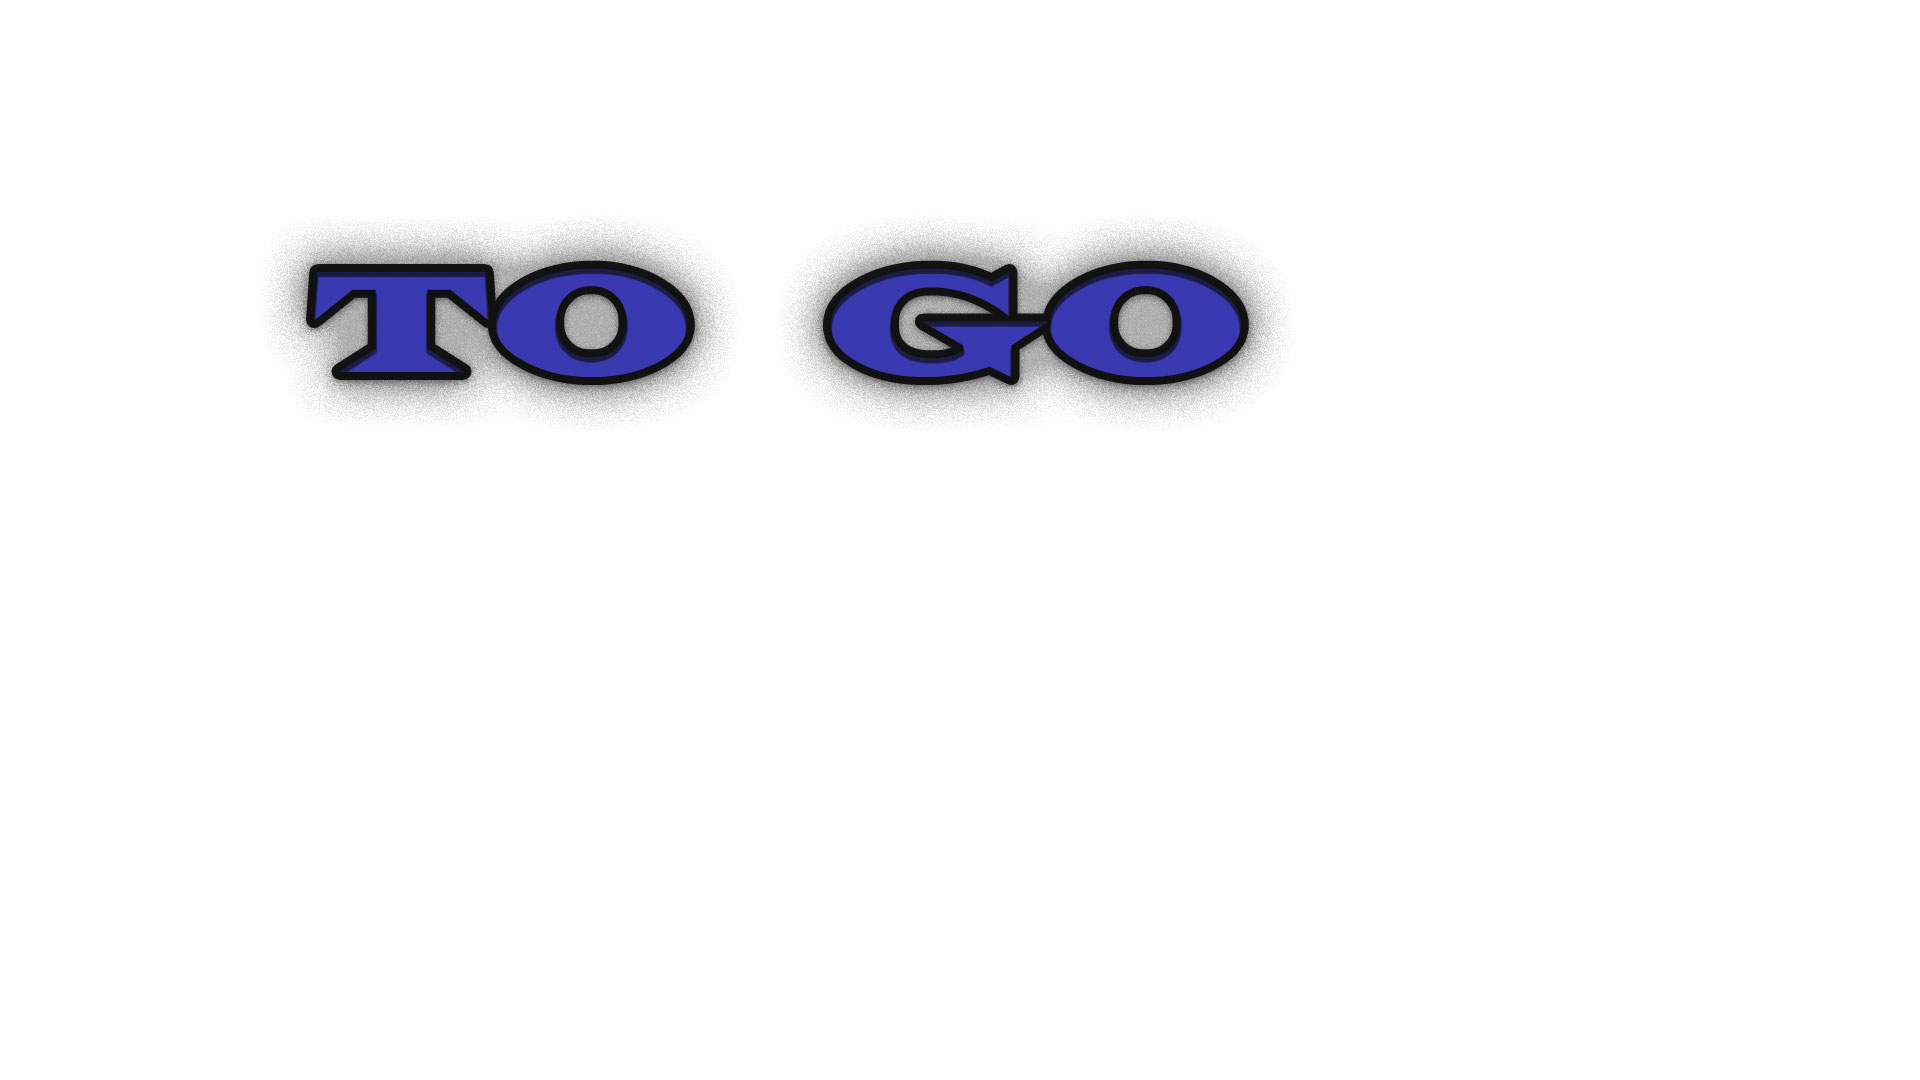 Разработать логотип и экран загрузки приложения фото f_6235a7de681dd19e.jpg